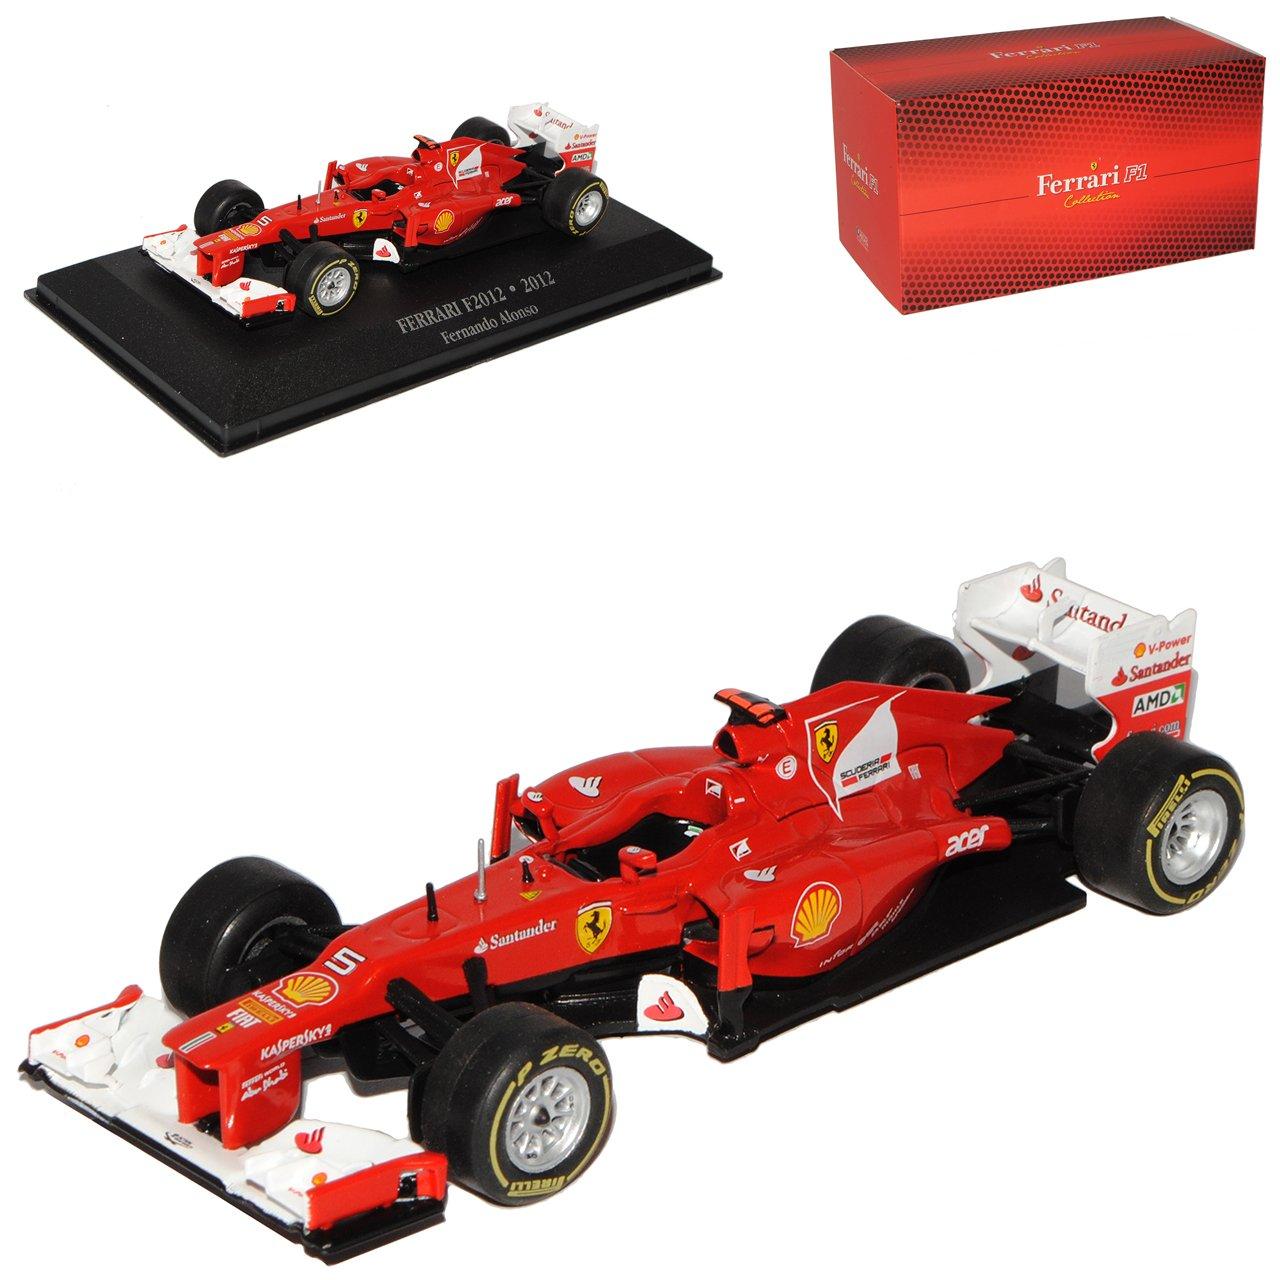 Atlas Ferrari F2012 Fernando Alonso Vize Weltmeister 2012 Formel 1 1/43 Modell Auto mit individiuellem Wunschkennzeichen